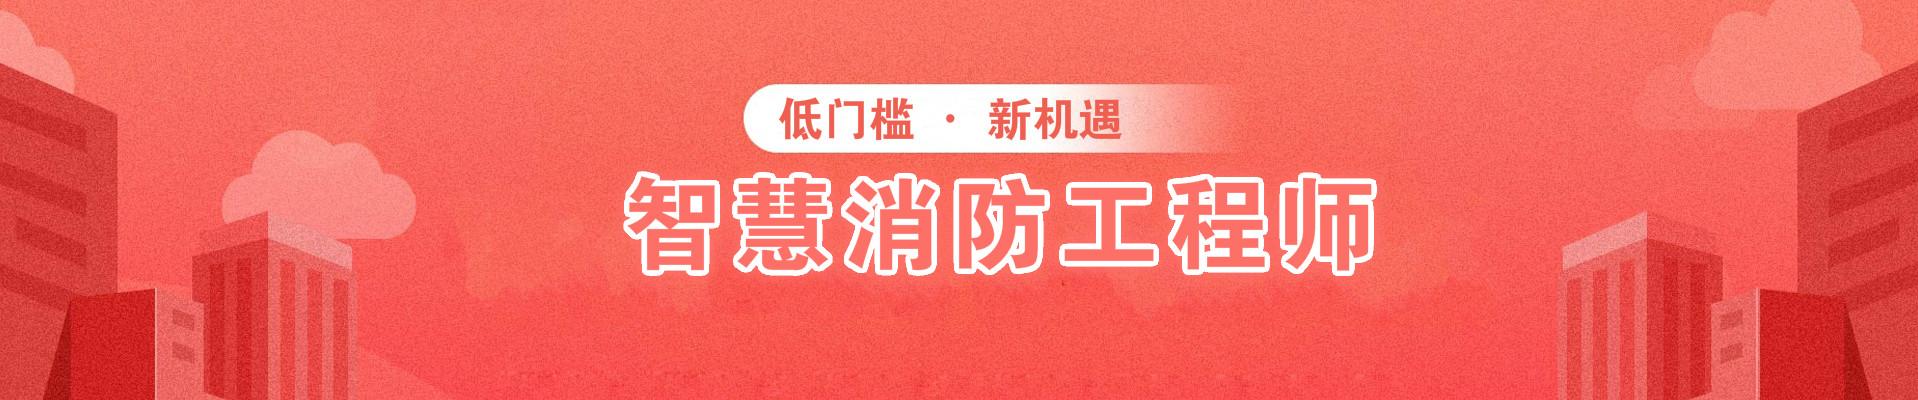 江西九江优路教育培训学校